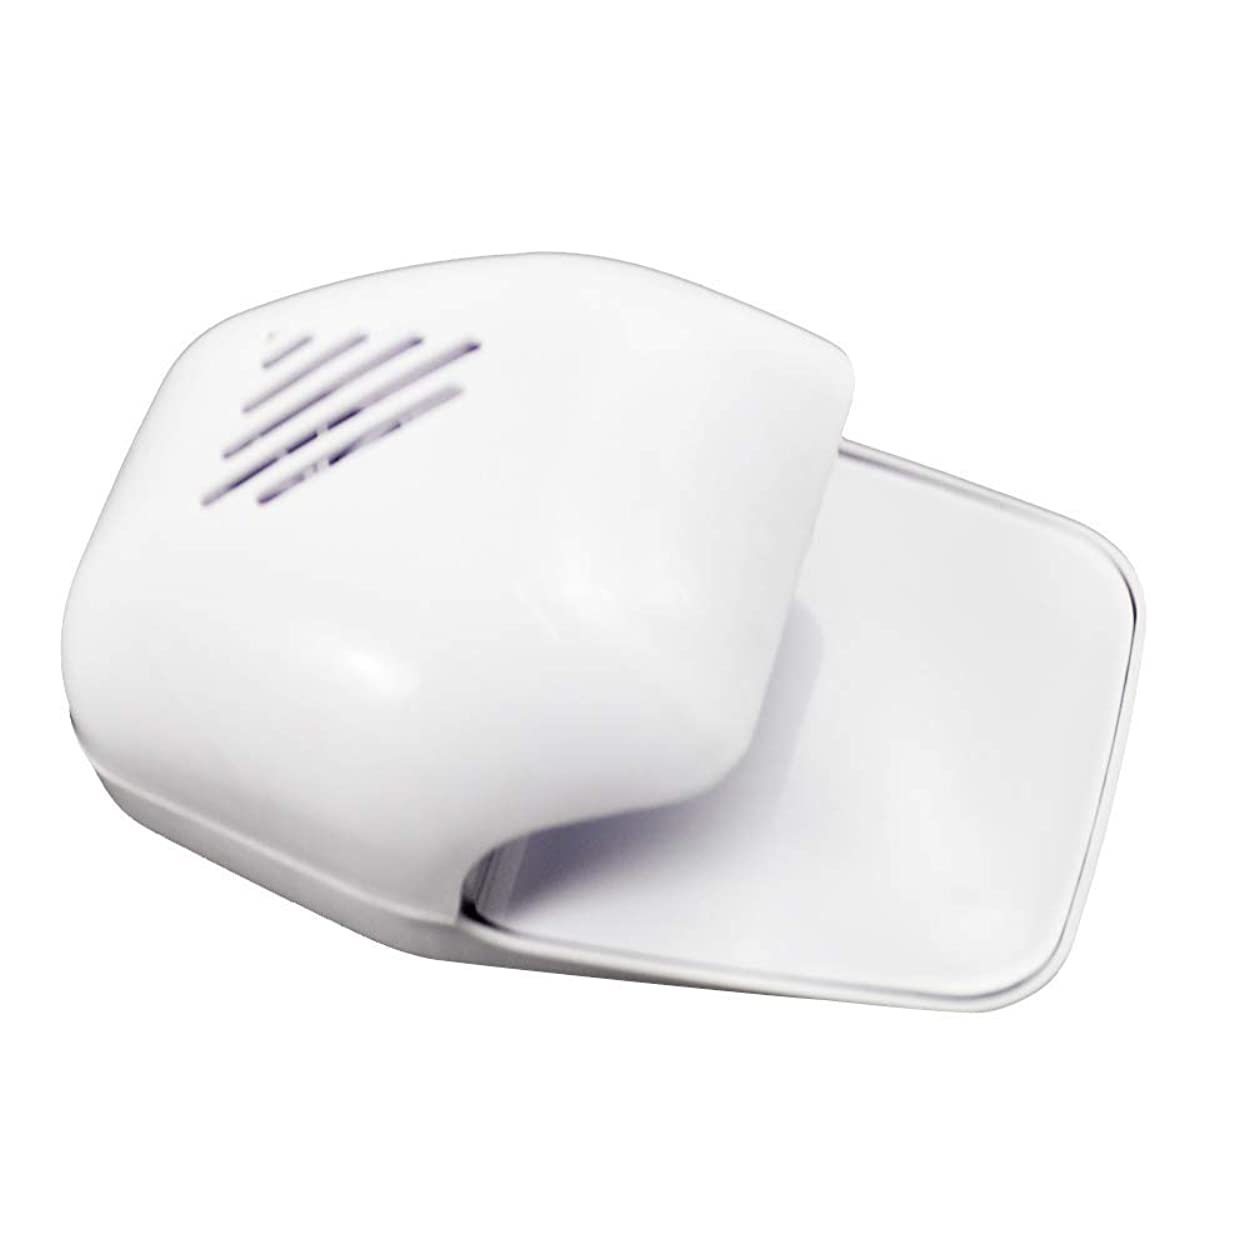 退化するモーション概して1st market プレミアム 人気 白いのポータブルなネイルドライヤー、乾燥機、マニキュア 便利